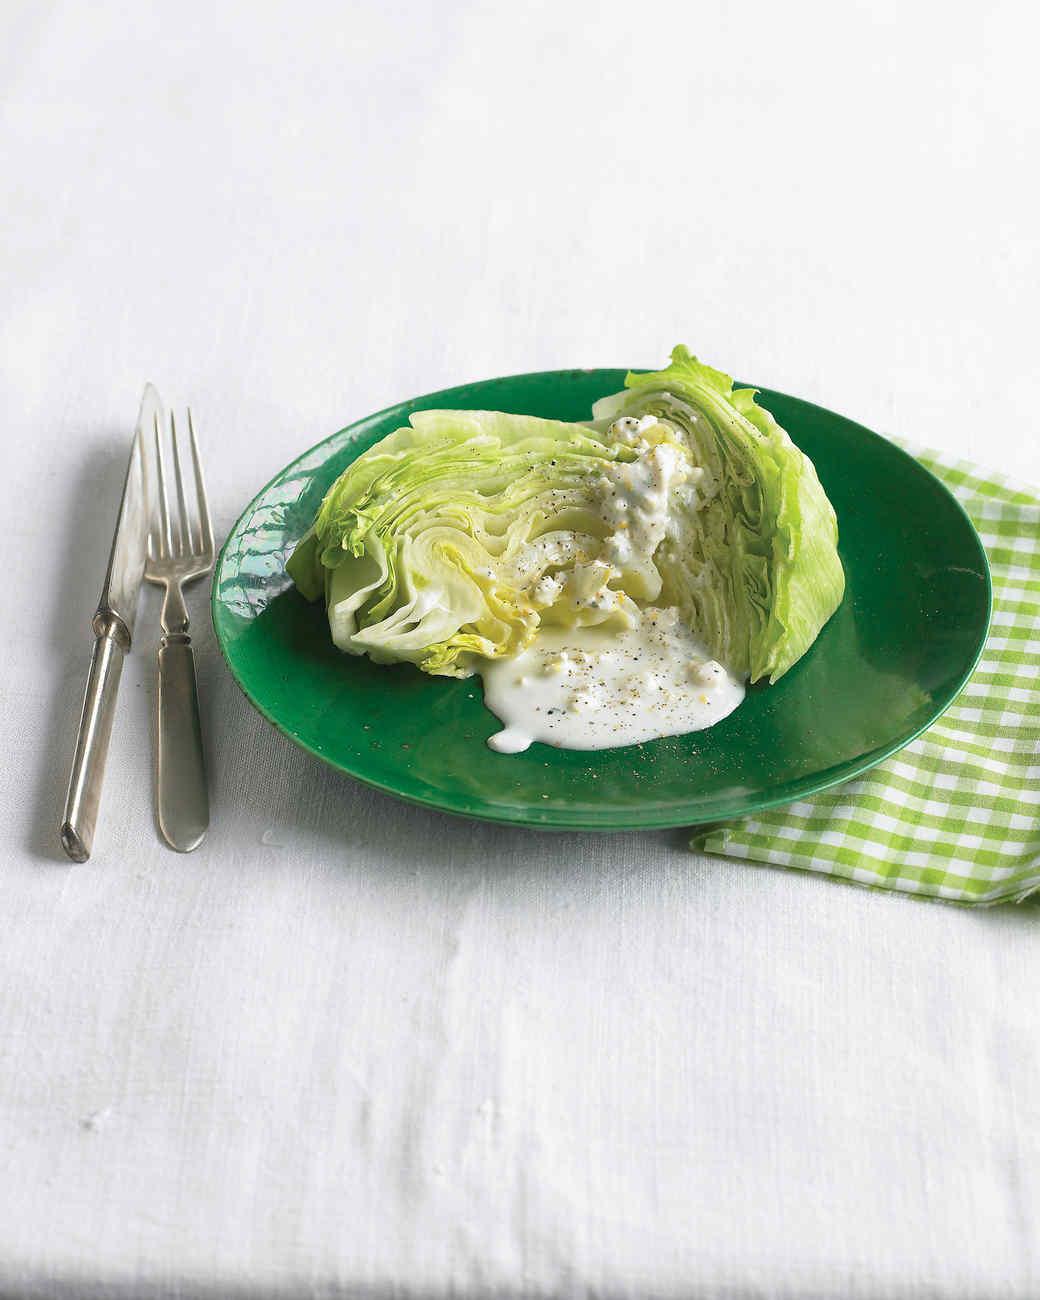 med104830_0909_lettucewedge.jpg